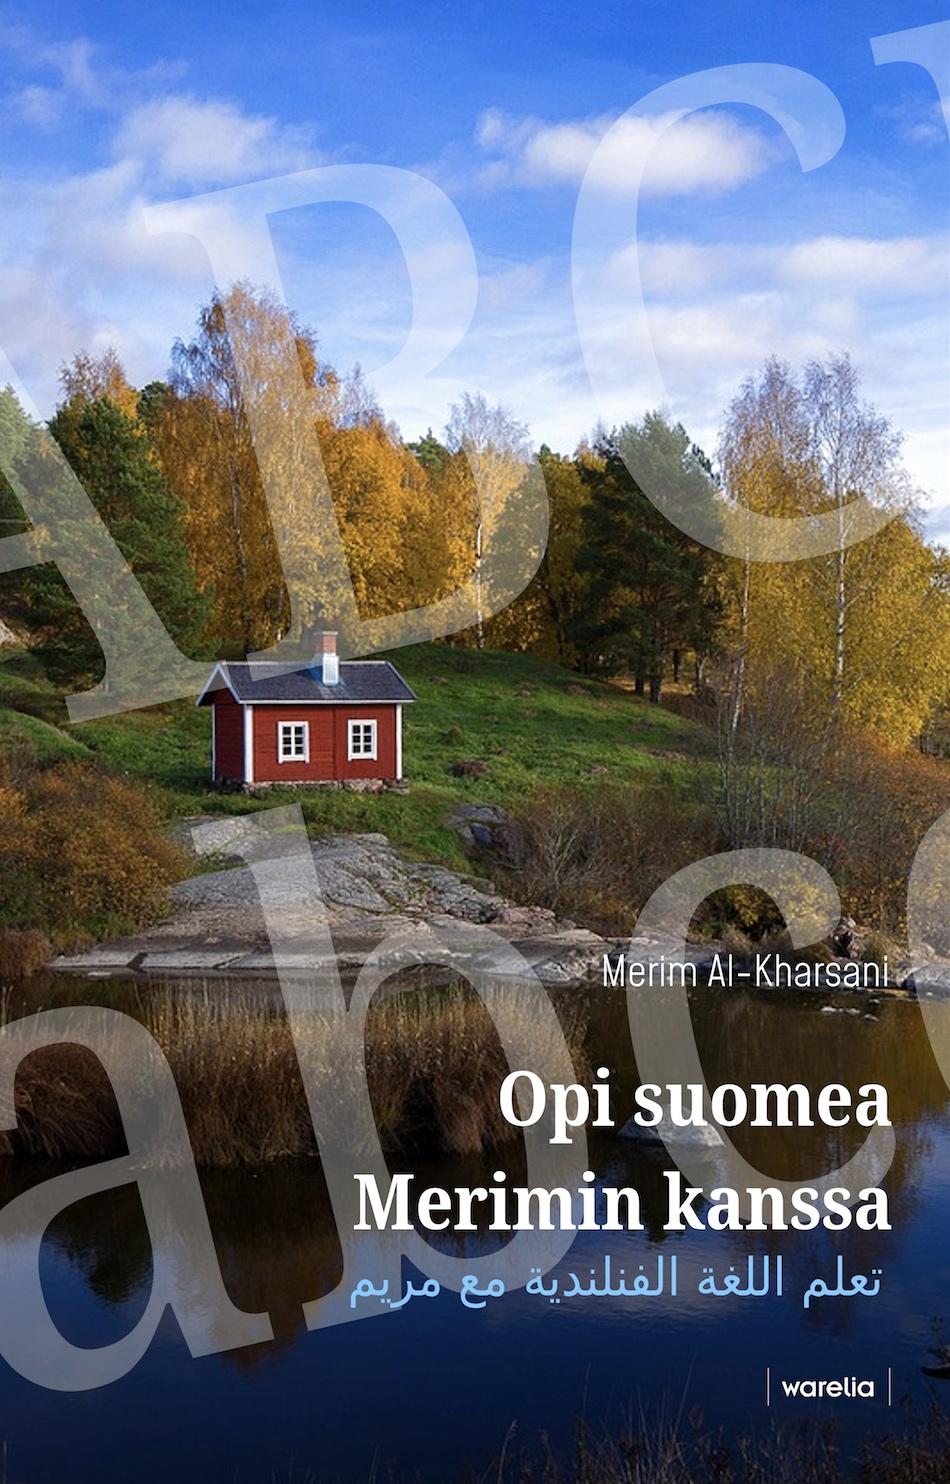 Opi suomea Merimin kanssa